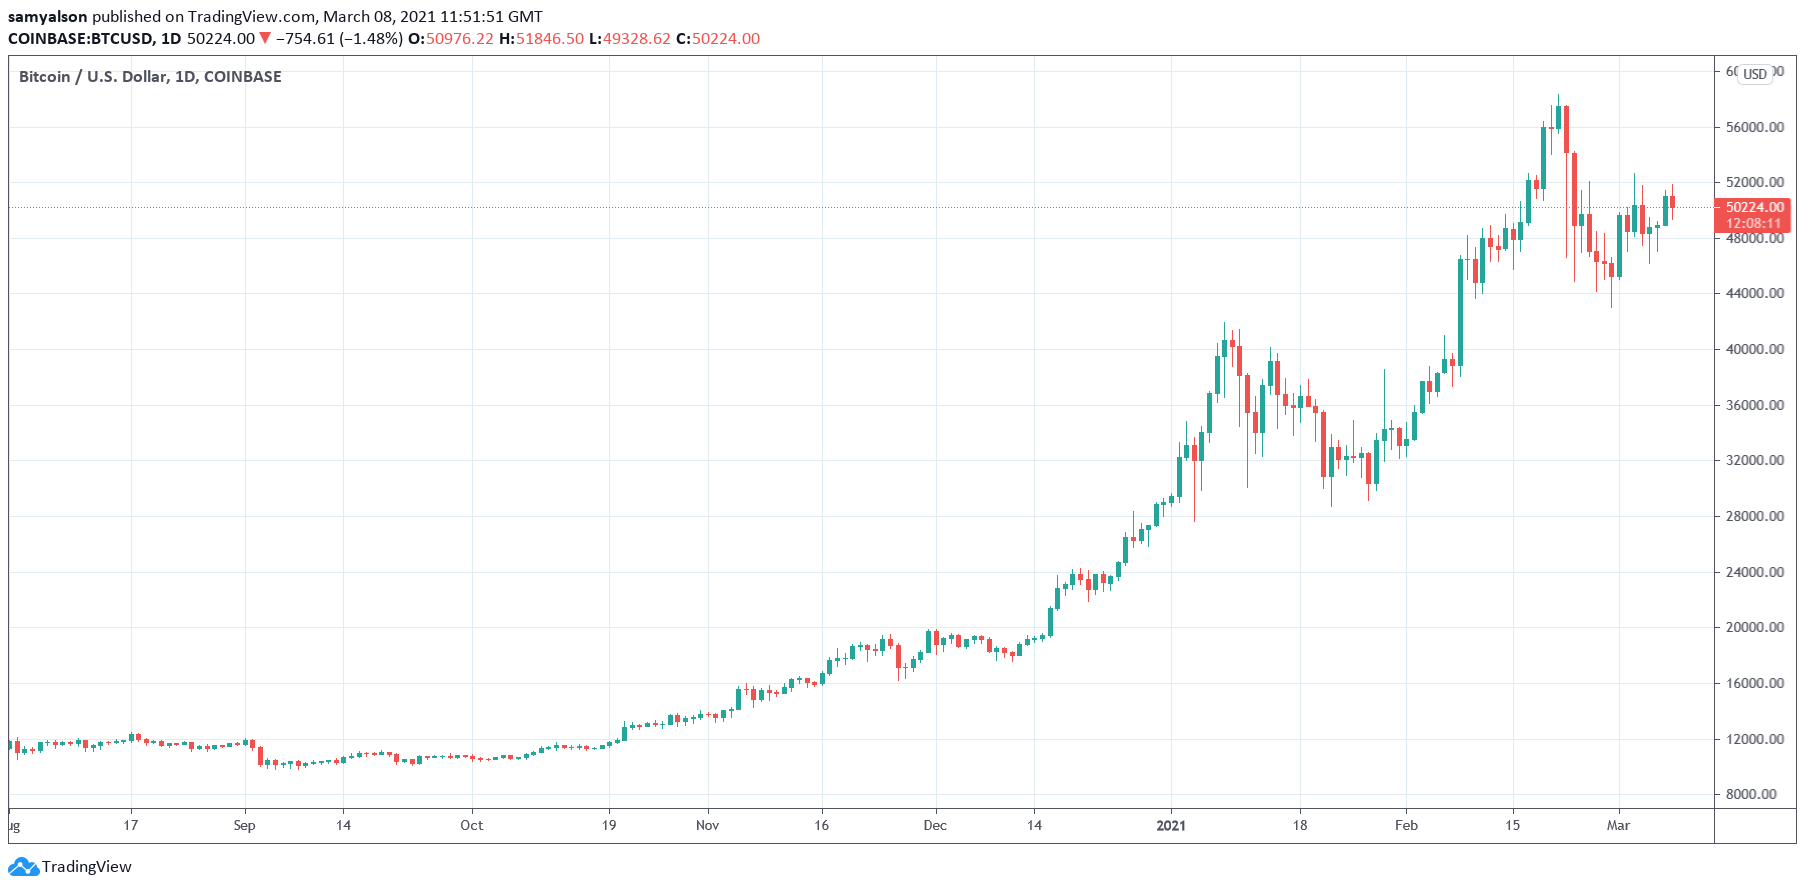 Gráfico diario de Bitcoin